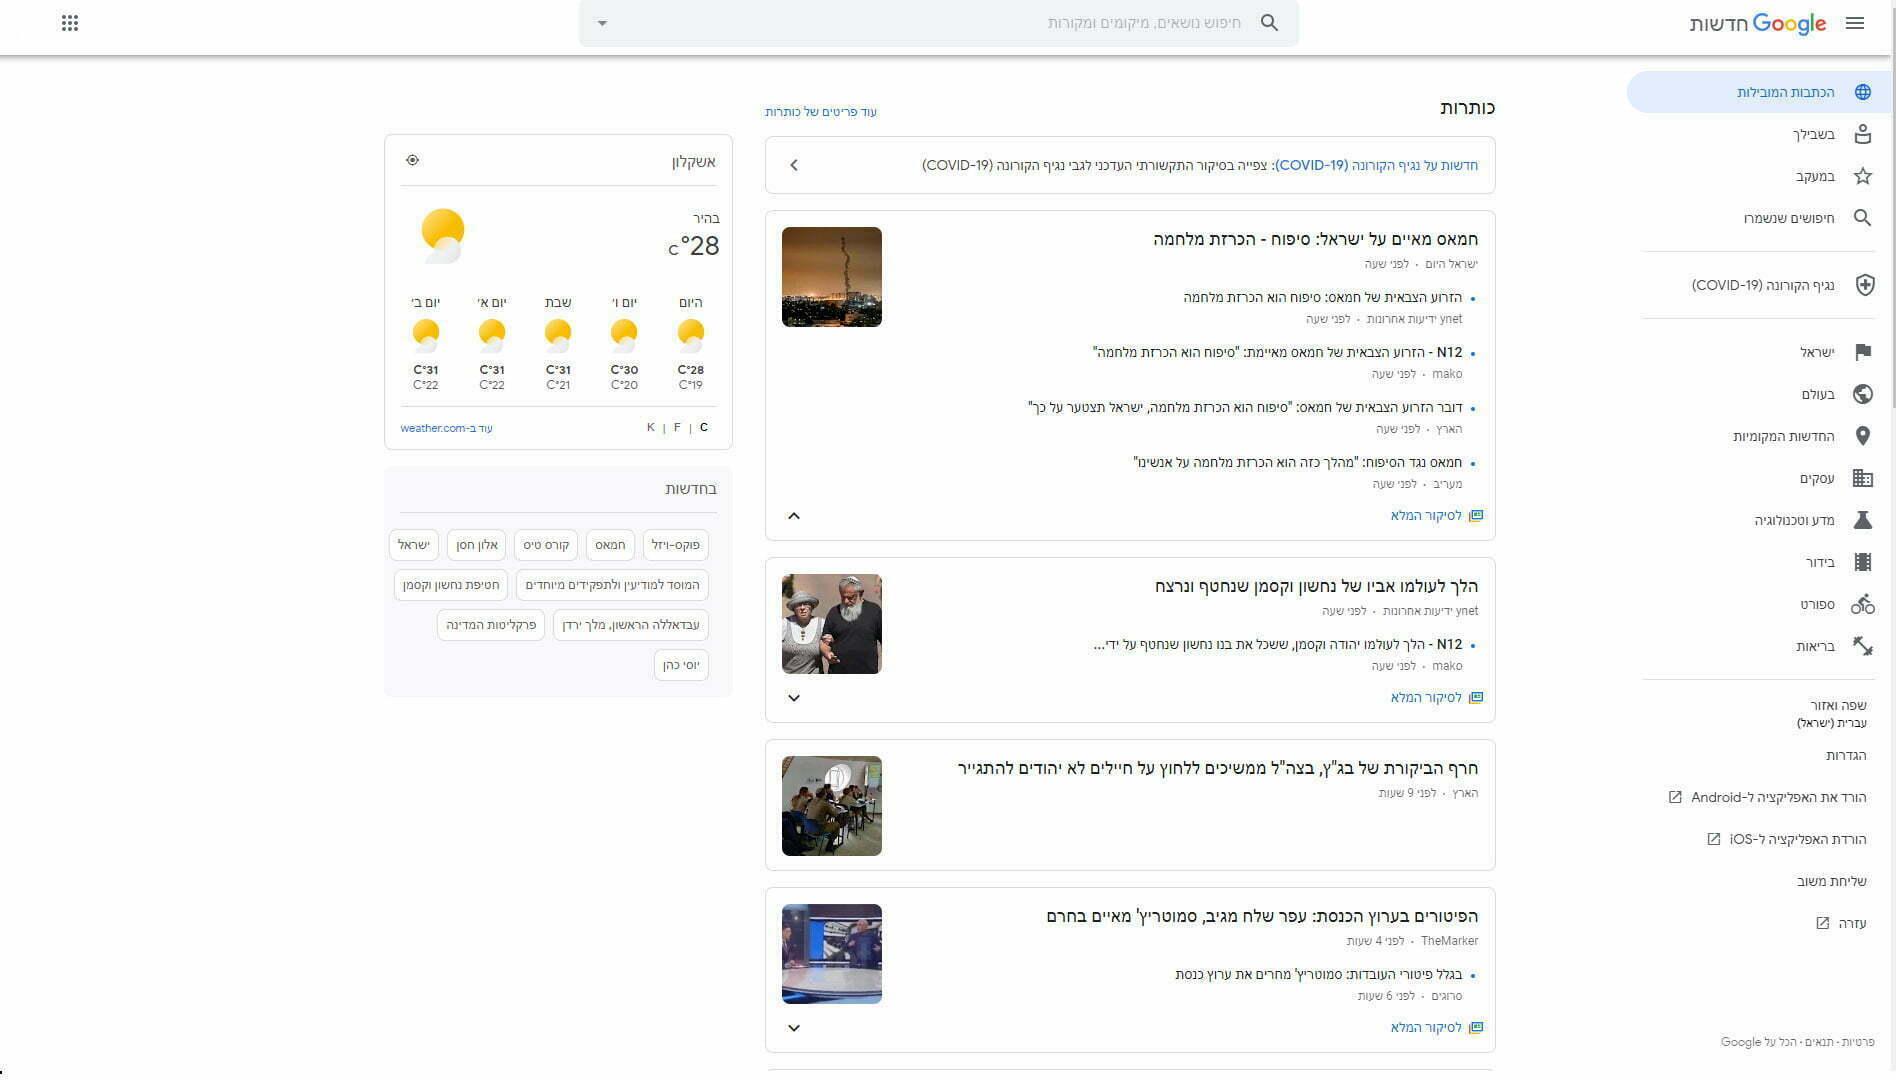 גוגל חדשות - עכשיו בטכנולוגיה